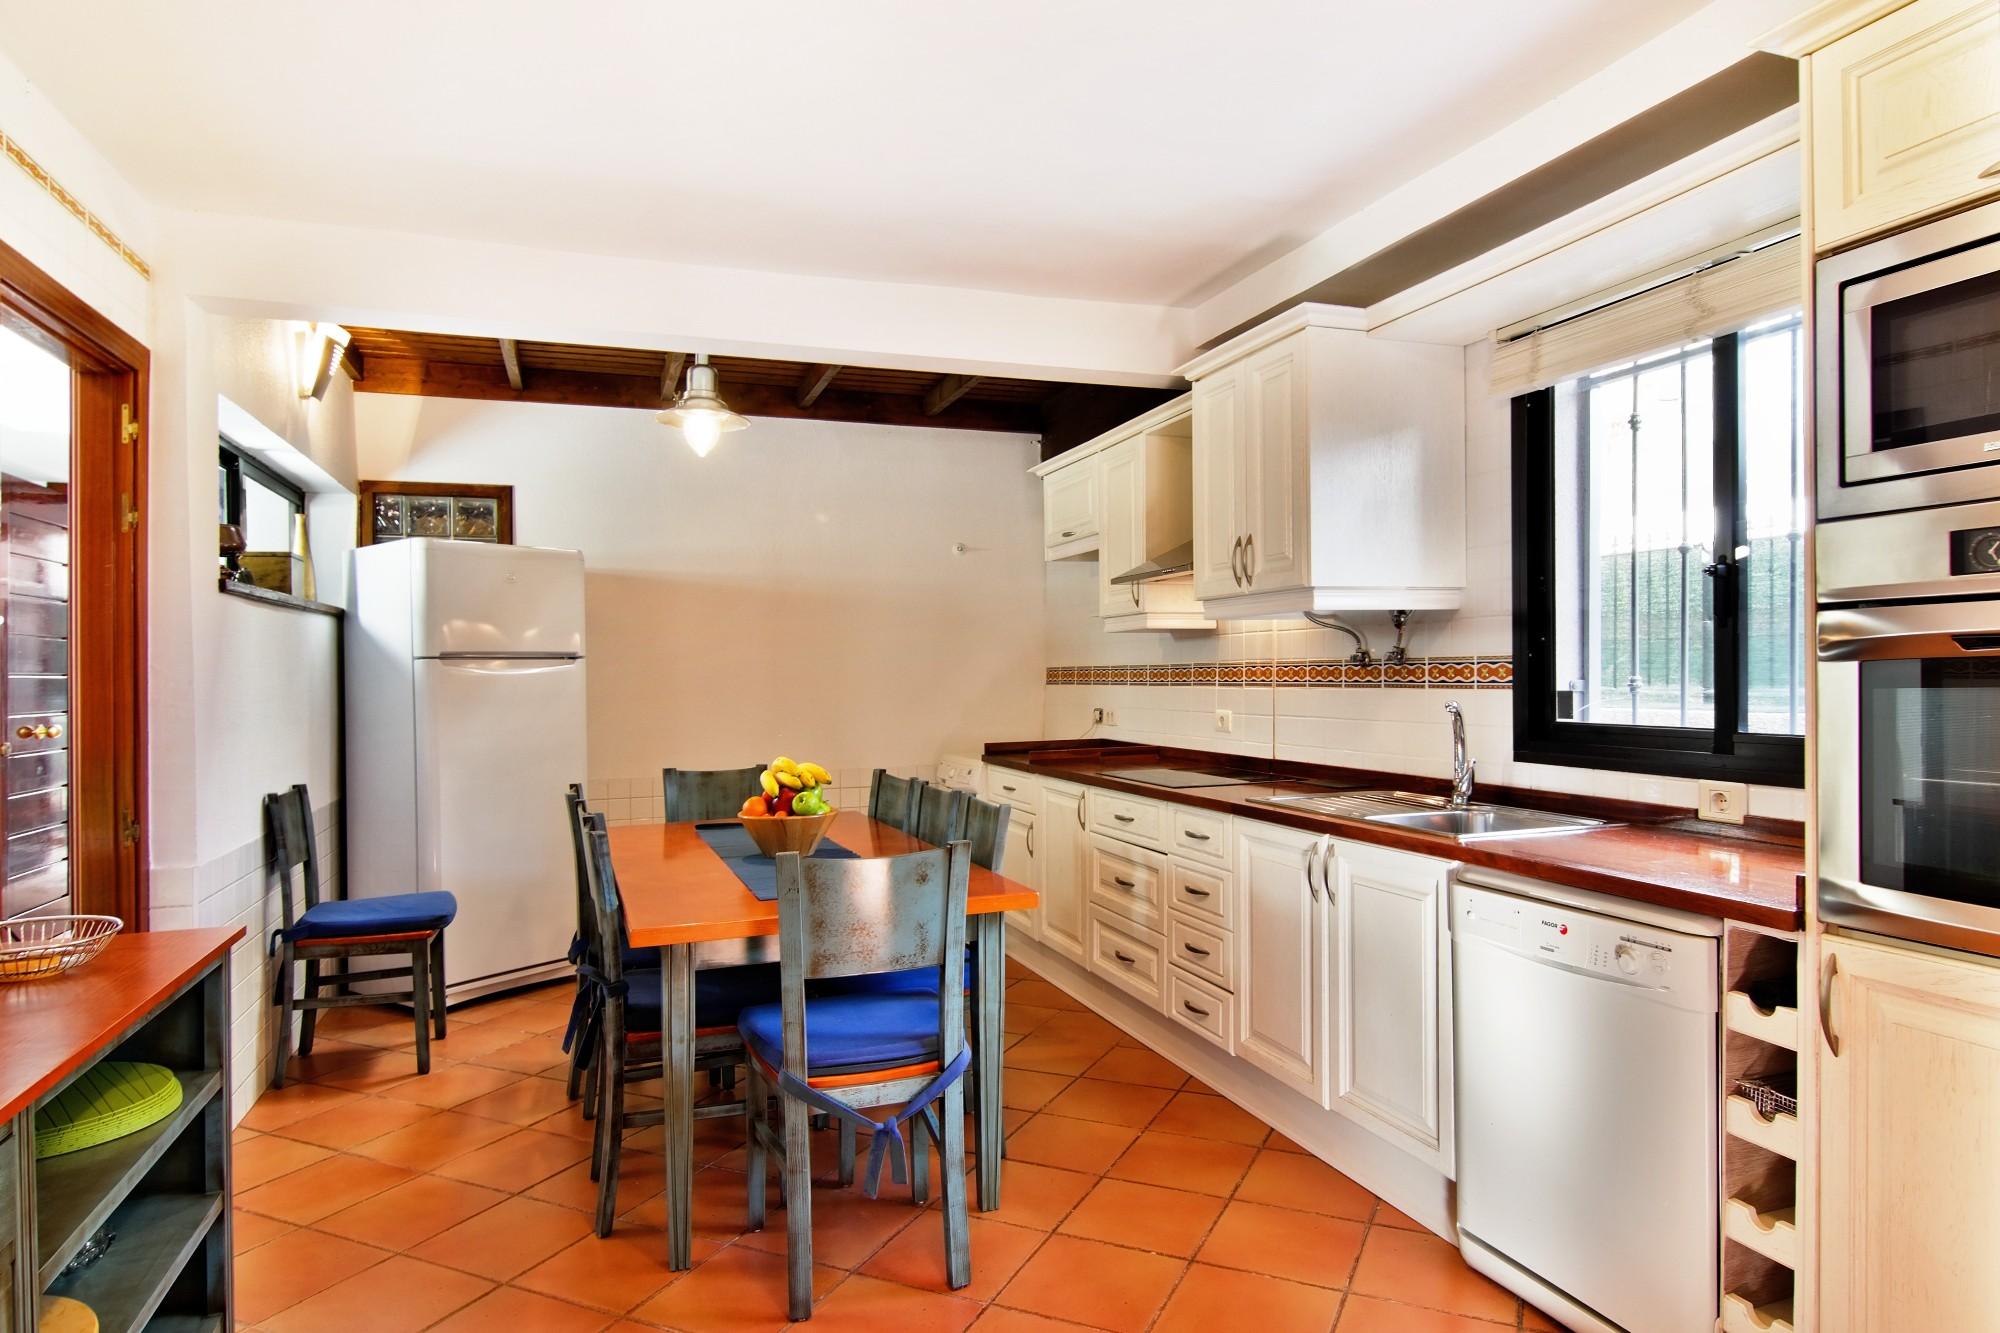 Küche Ferienhaus Adeje Teneriffa